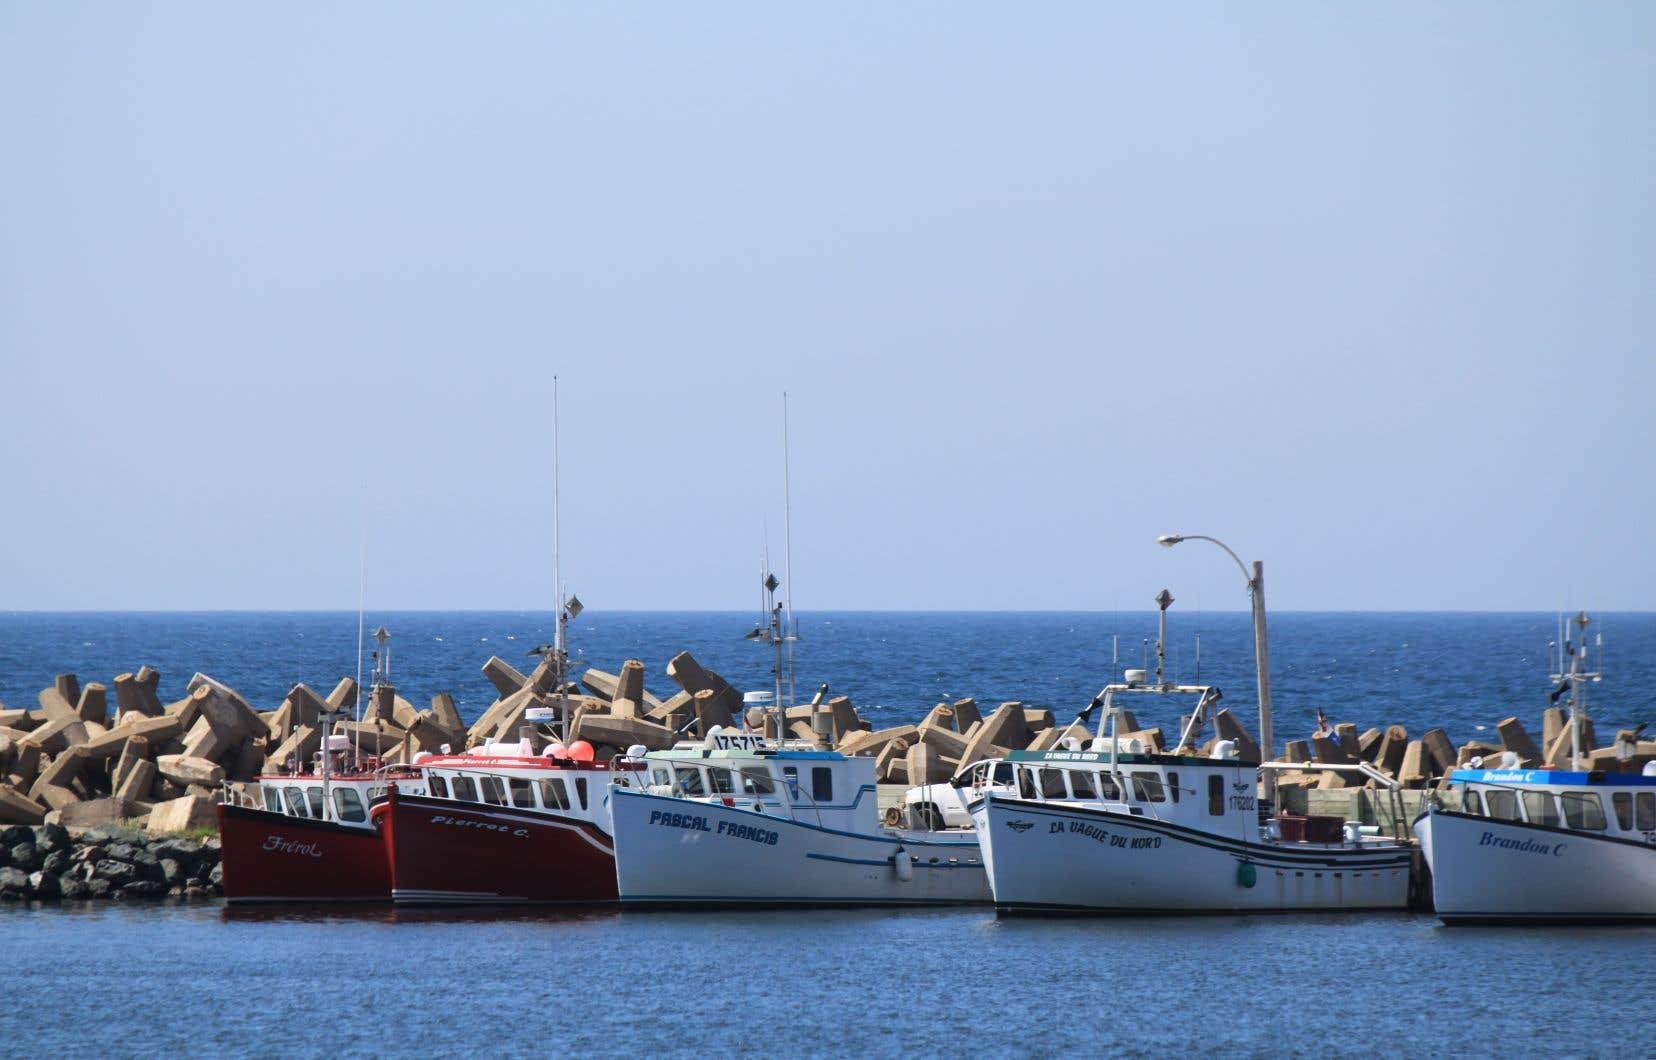 Le projet Old Harry, situé à 80 km des Îles-de-la-Madeleine, suscite des inquiétudes chez les pêcheurs depuis plusieurs années.